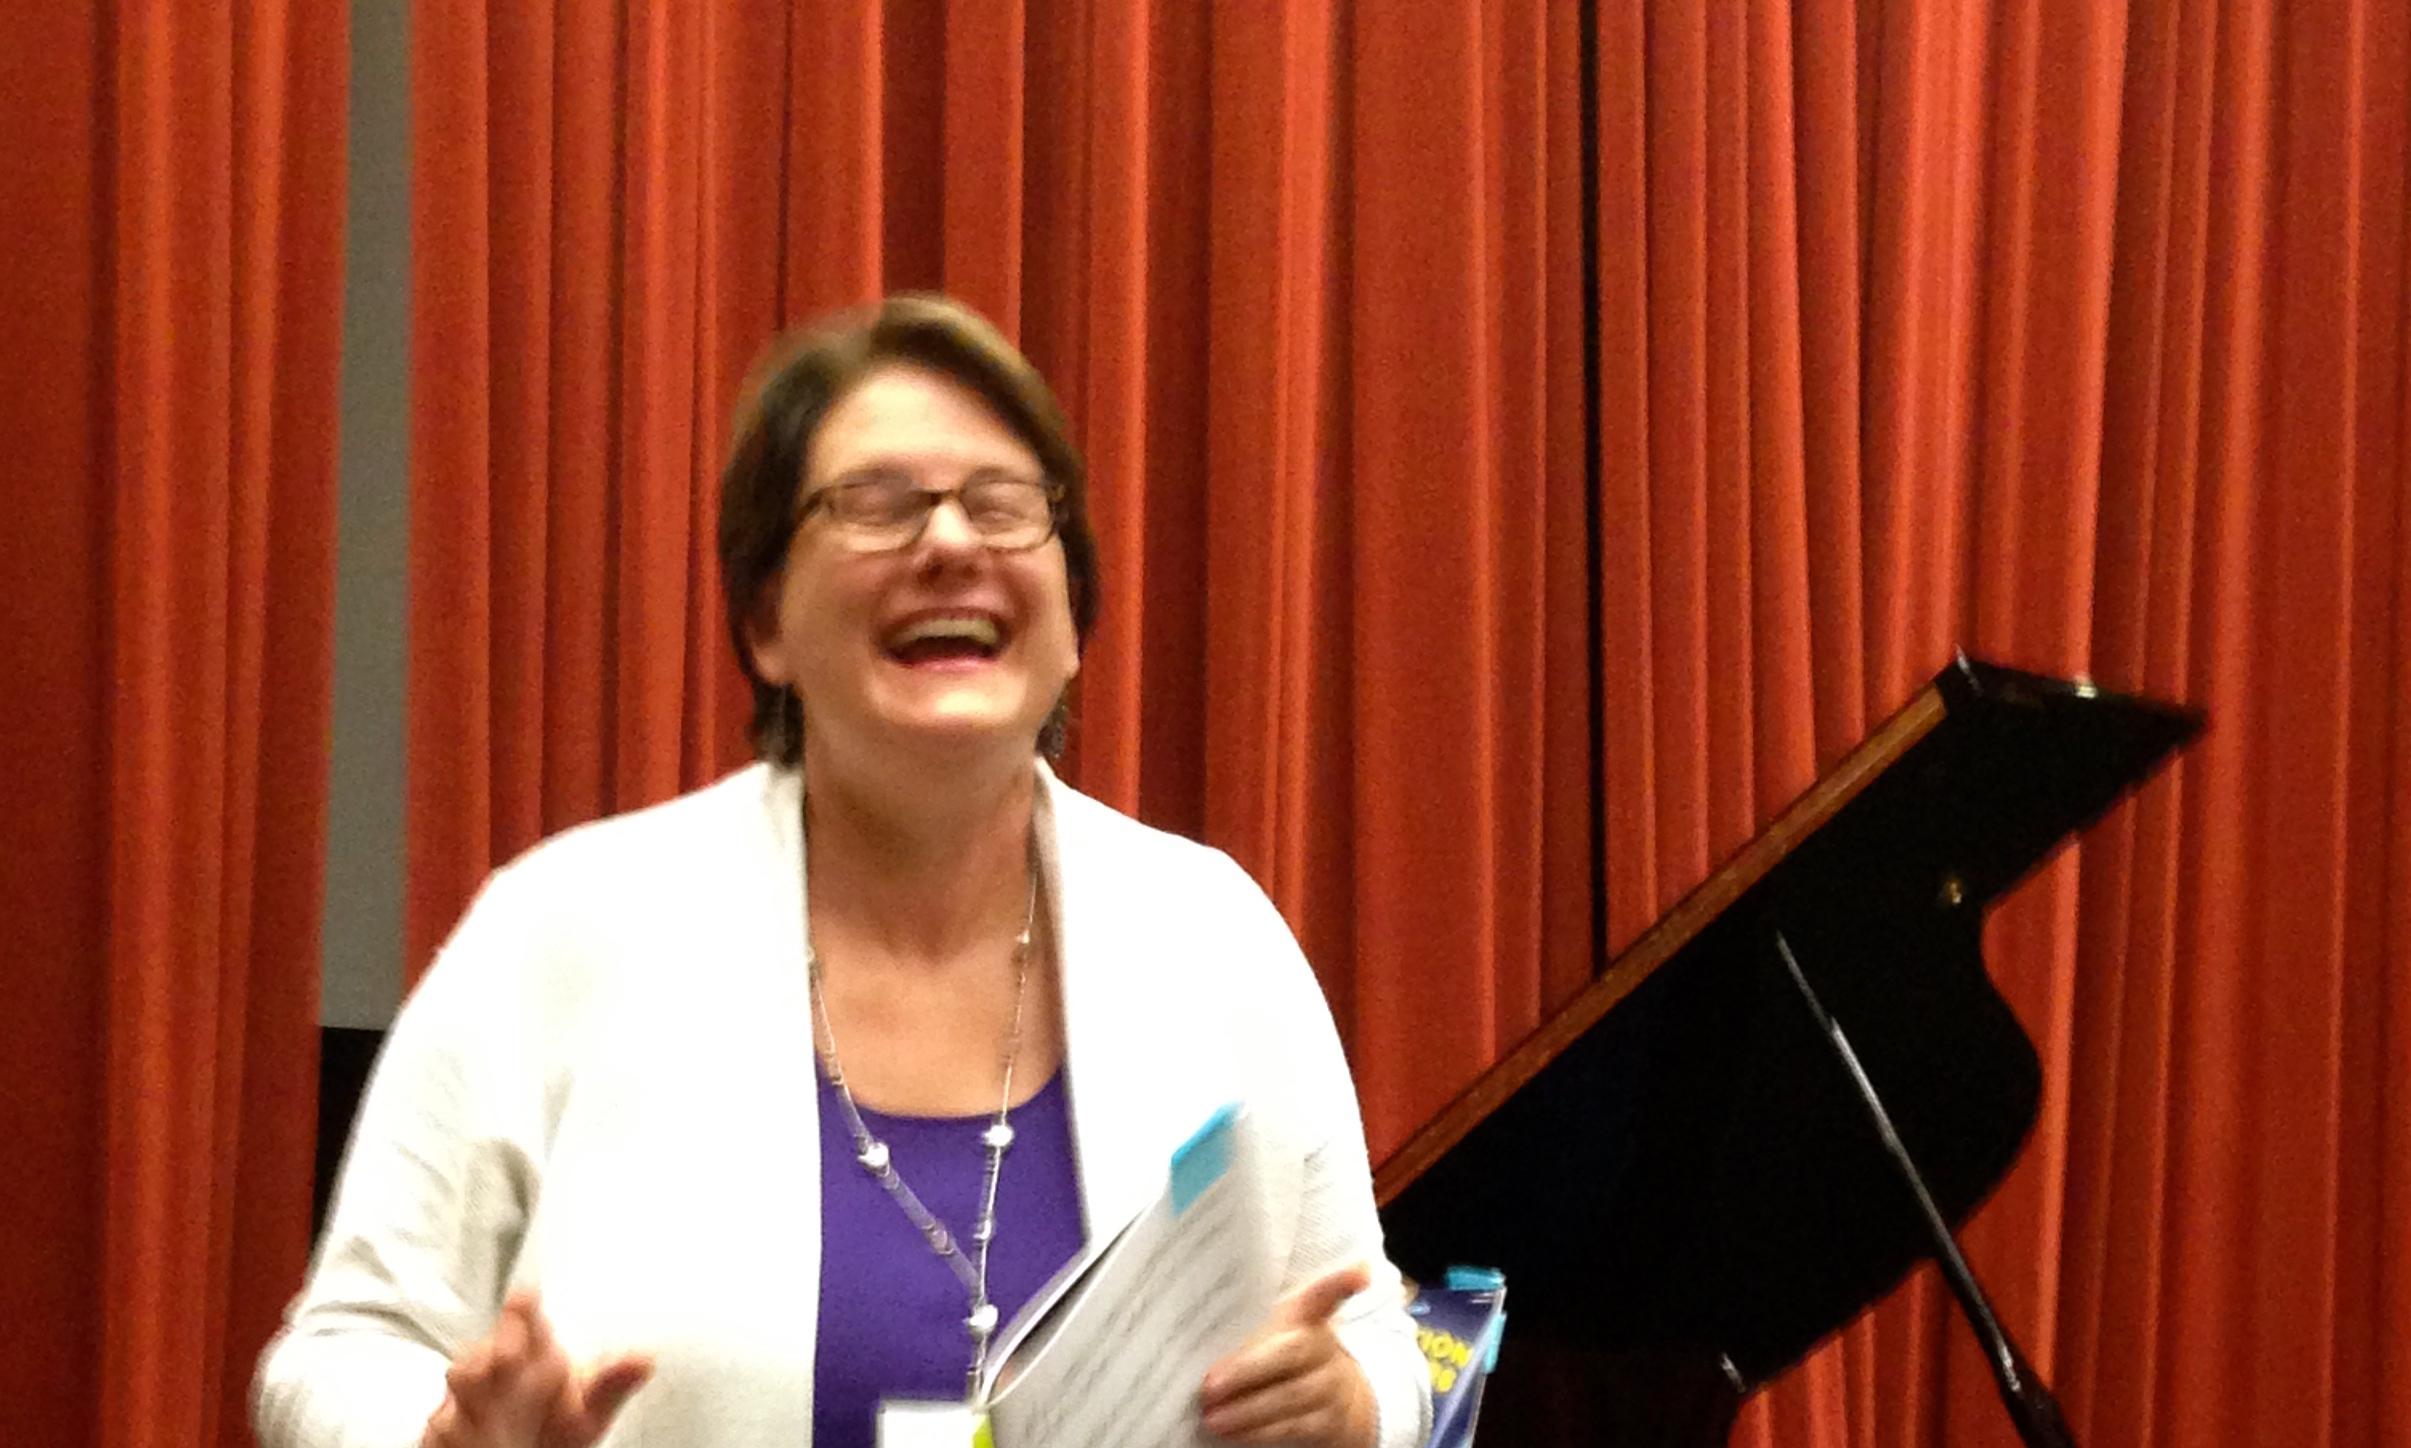 Diane laughing